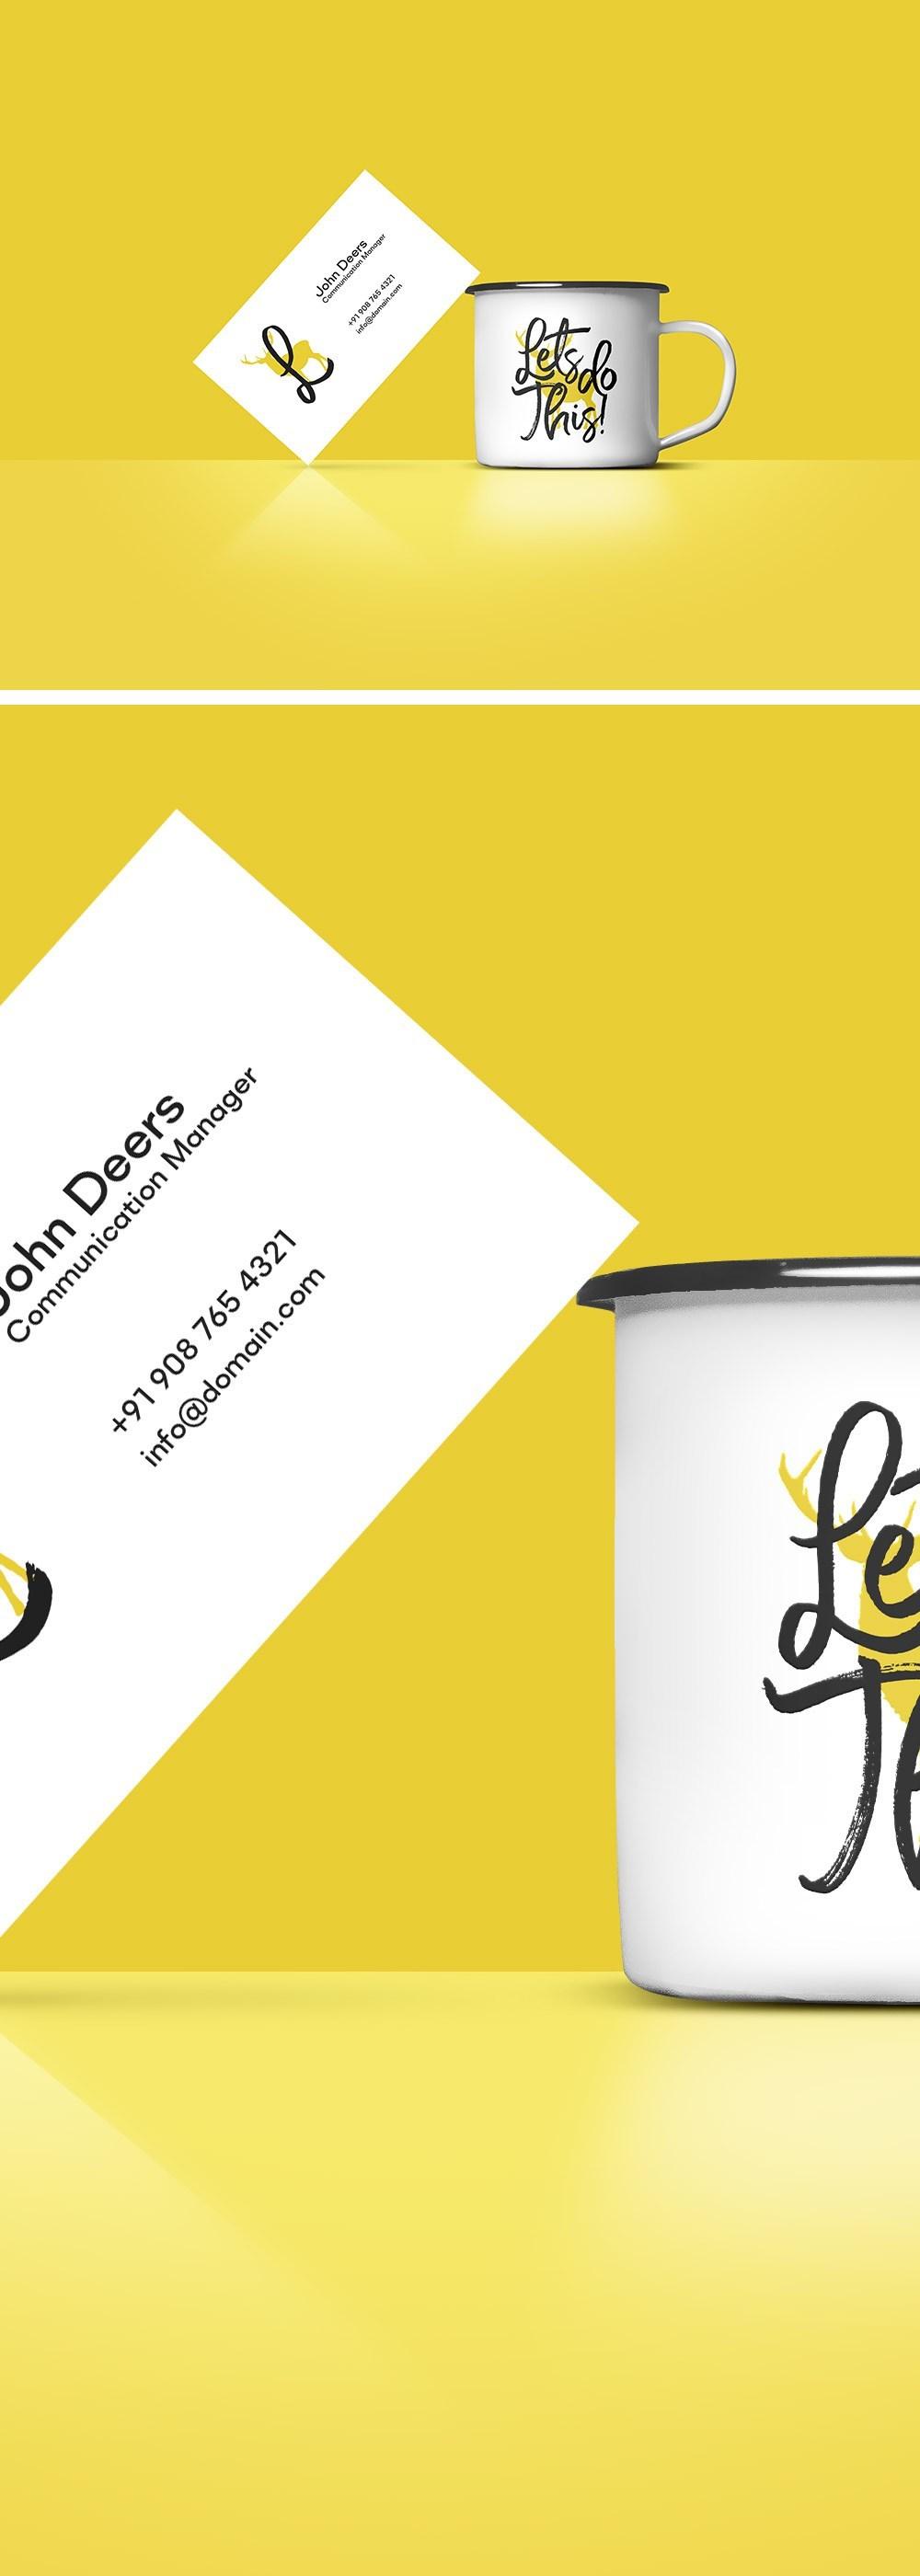 명함과 함께 있는 무료 커피컵/머그컵 목업 PSD - Free Business Card And Coffee Cup Mockup PSD